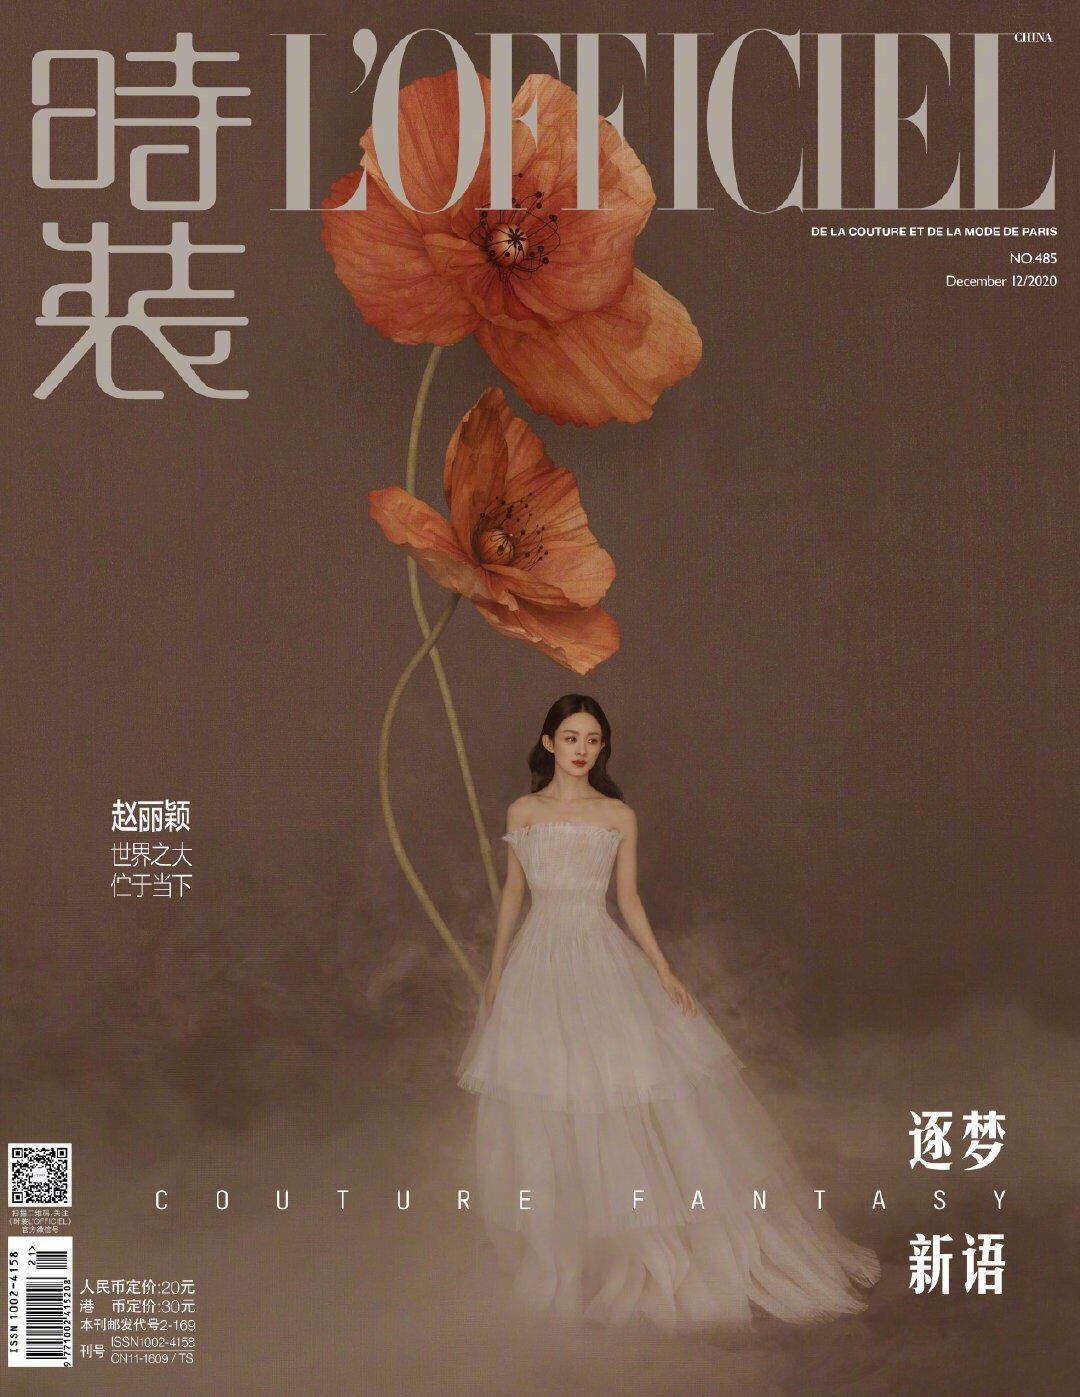 赵丽颖 时装LOFFICIEL 十二月刊封面女郎